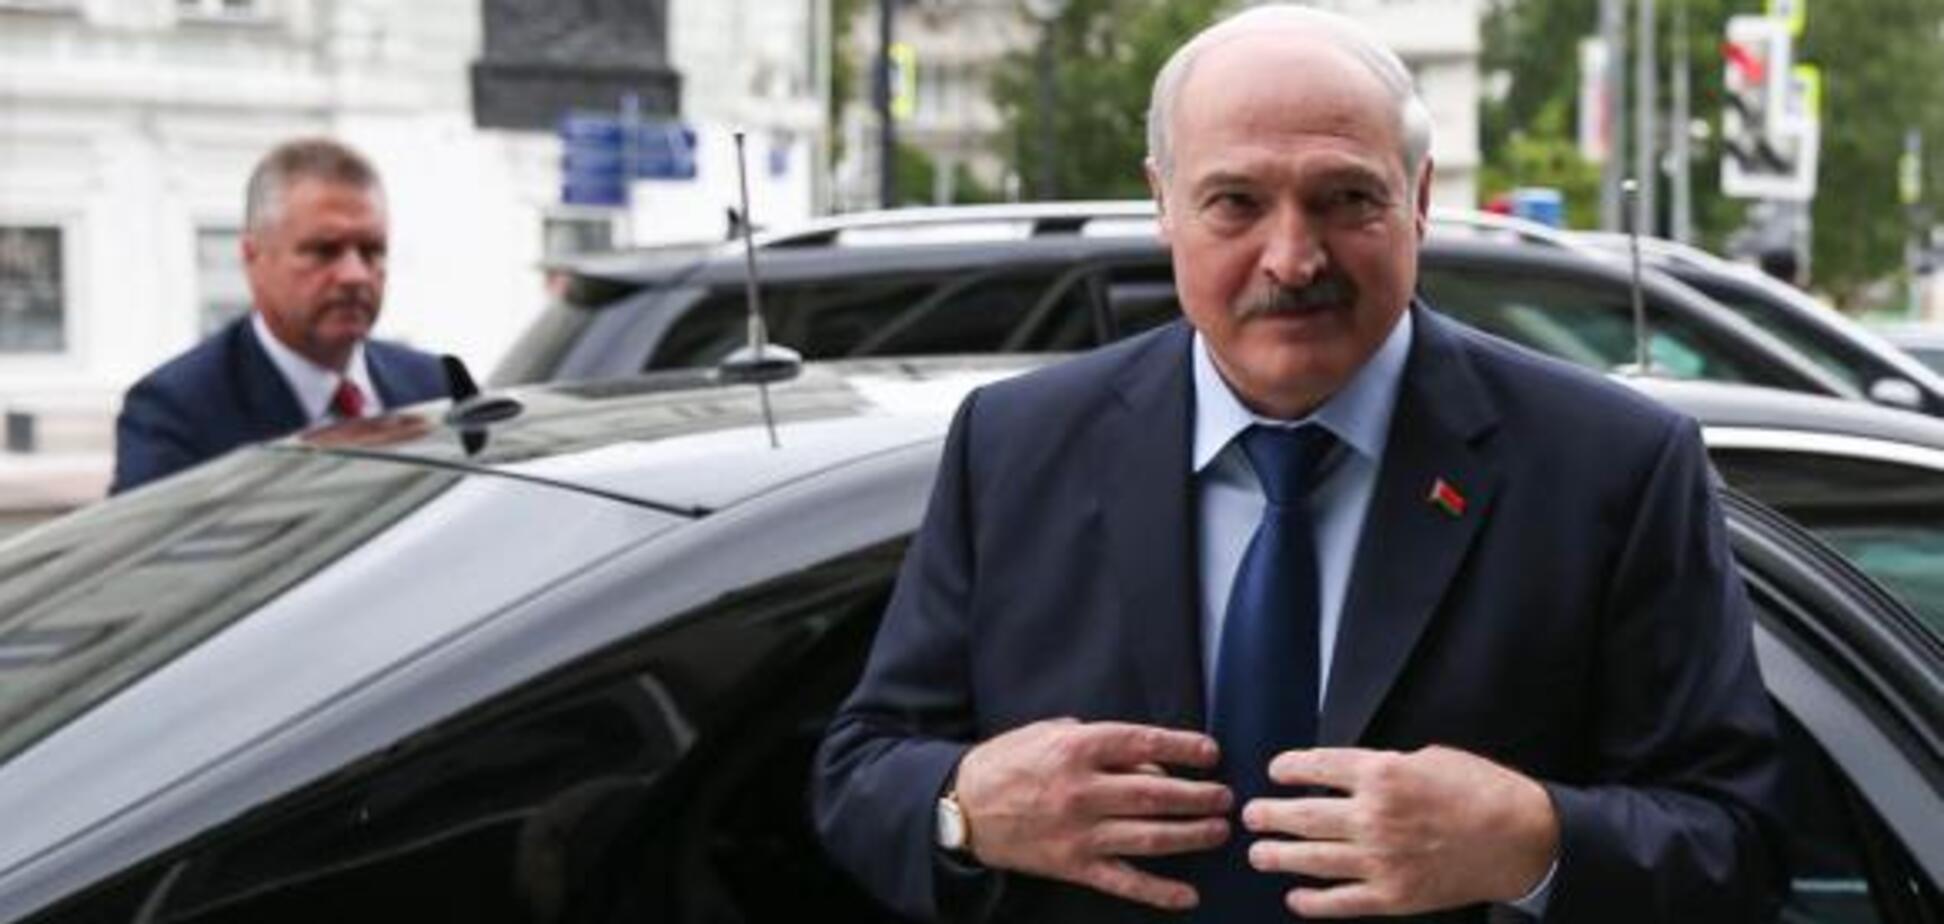 Власники електромобілів у Білорусі отримали пільги від Лукашенка